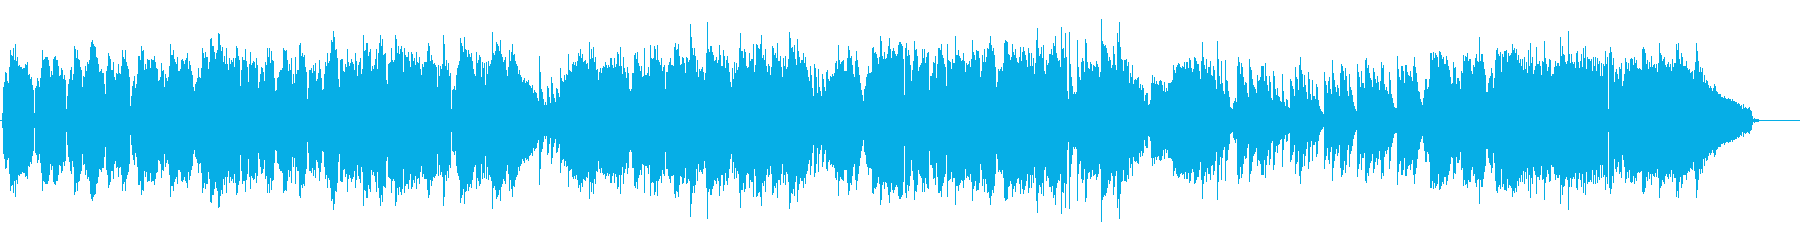 フルートとピアノによる日本情緒−叙情の再生済みの波形